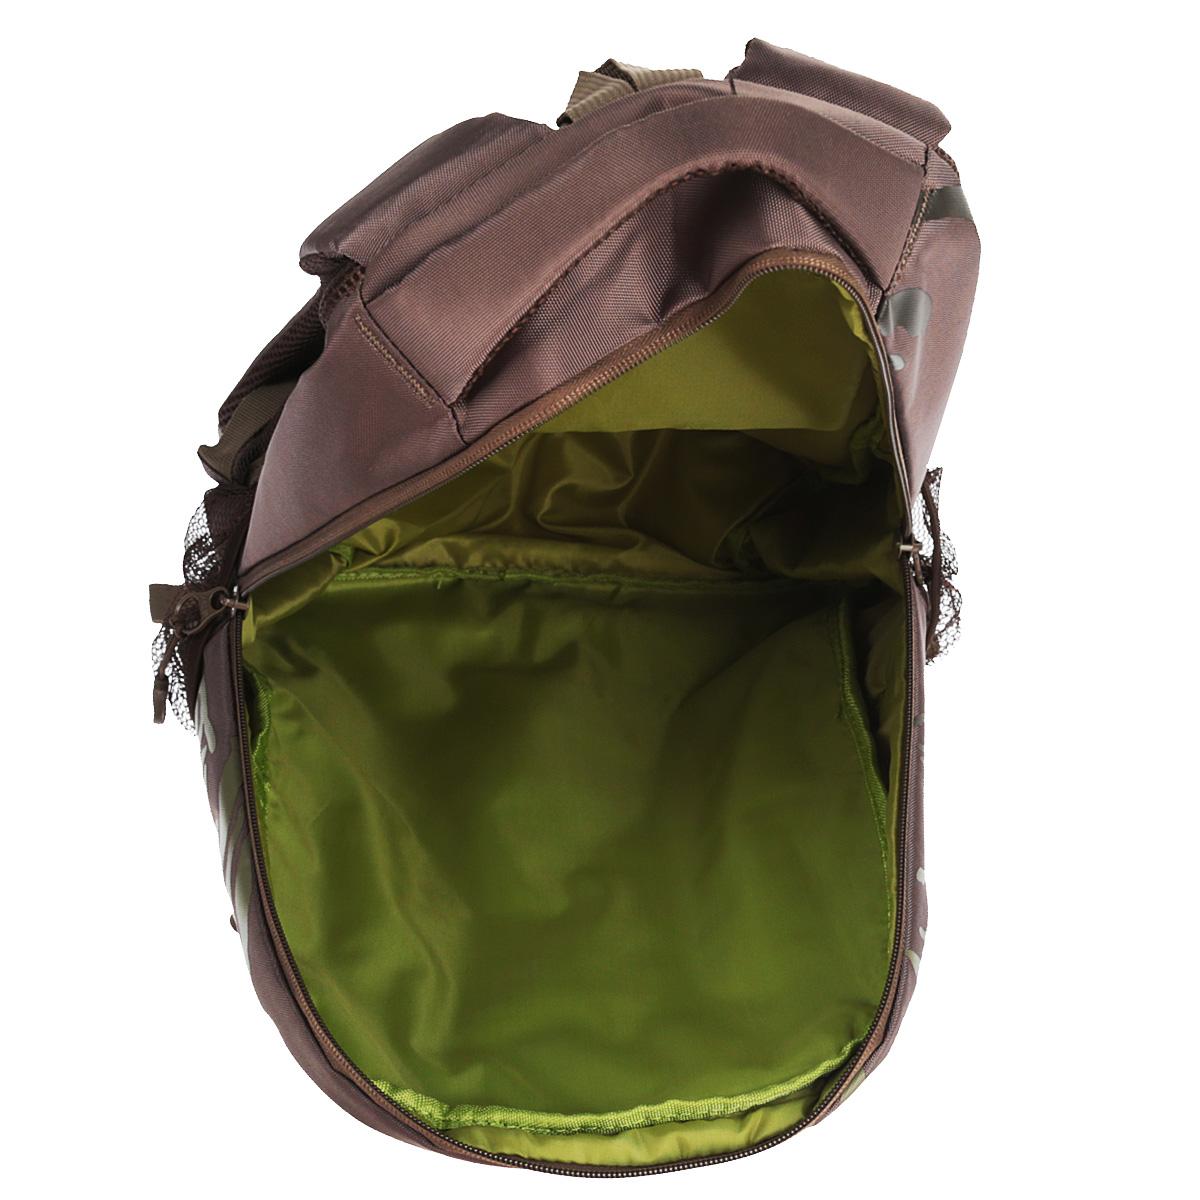 Рюкзак городской Grizzly, цвет: хаки, 24 л. RD-534-2/3 ( RD-534-2/3 )